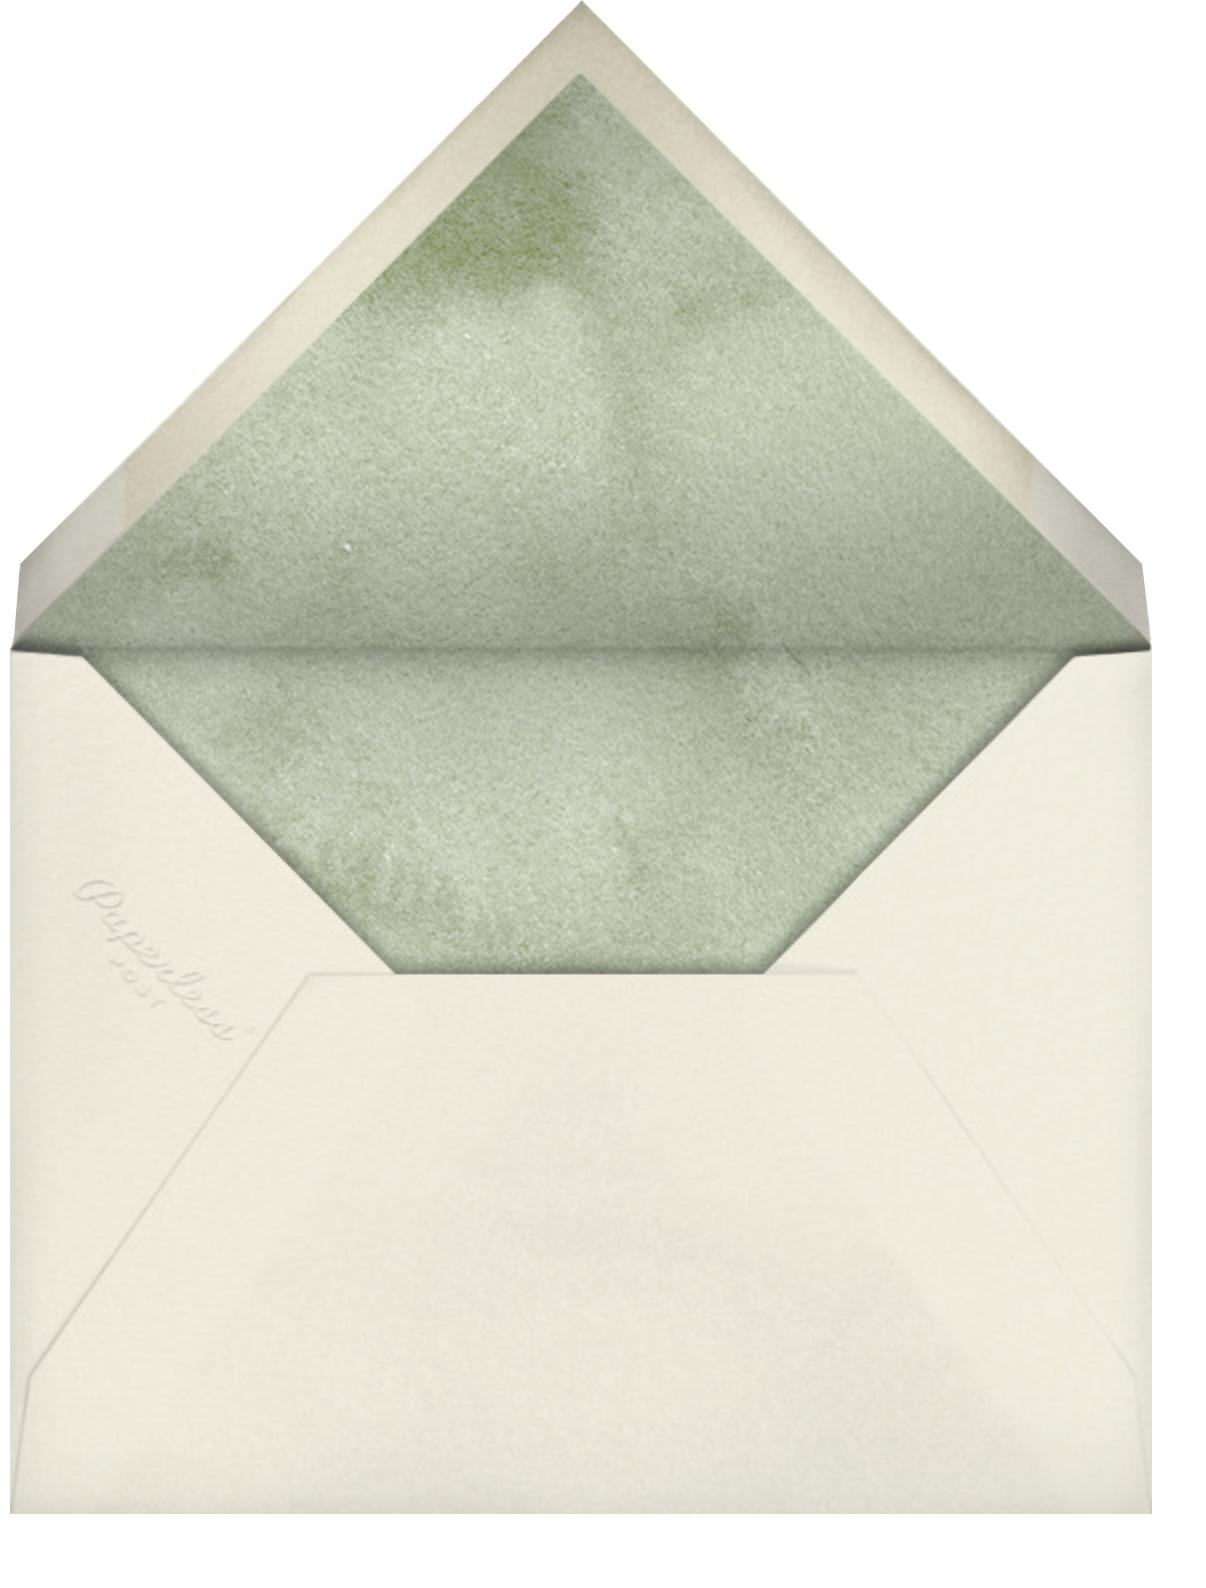 Better Soon - Paperless Post - Envelope